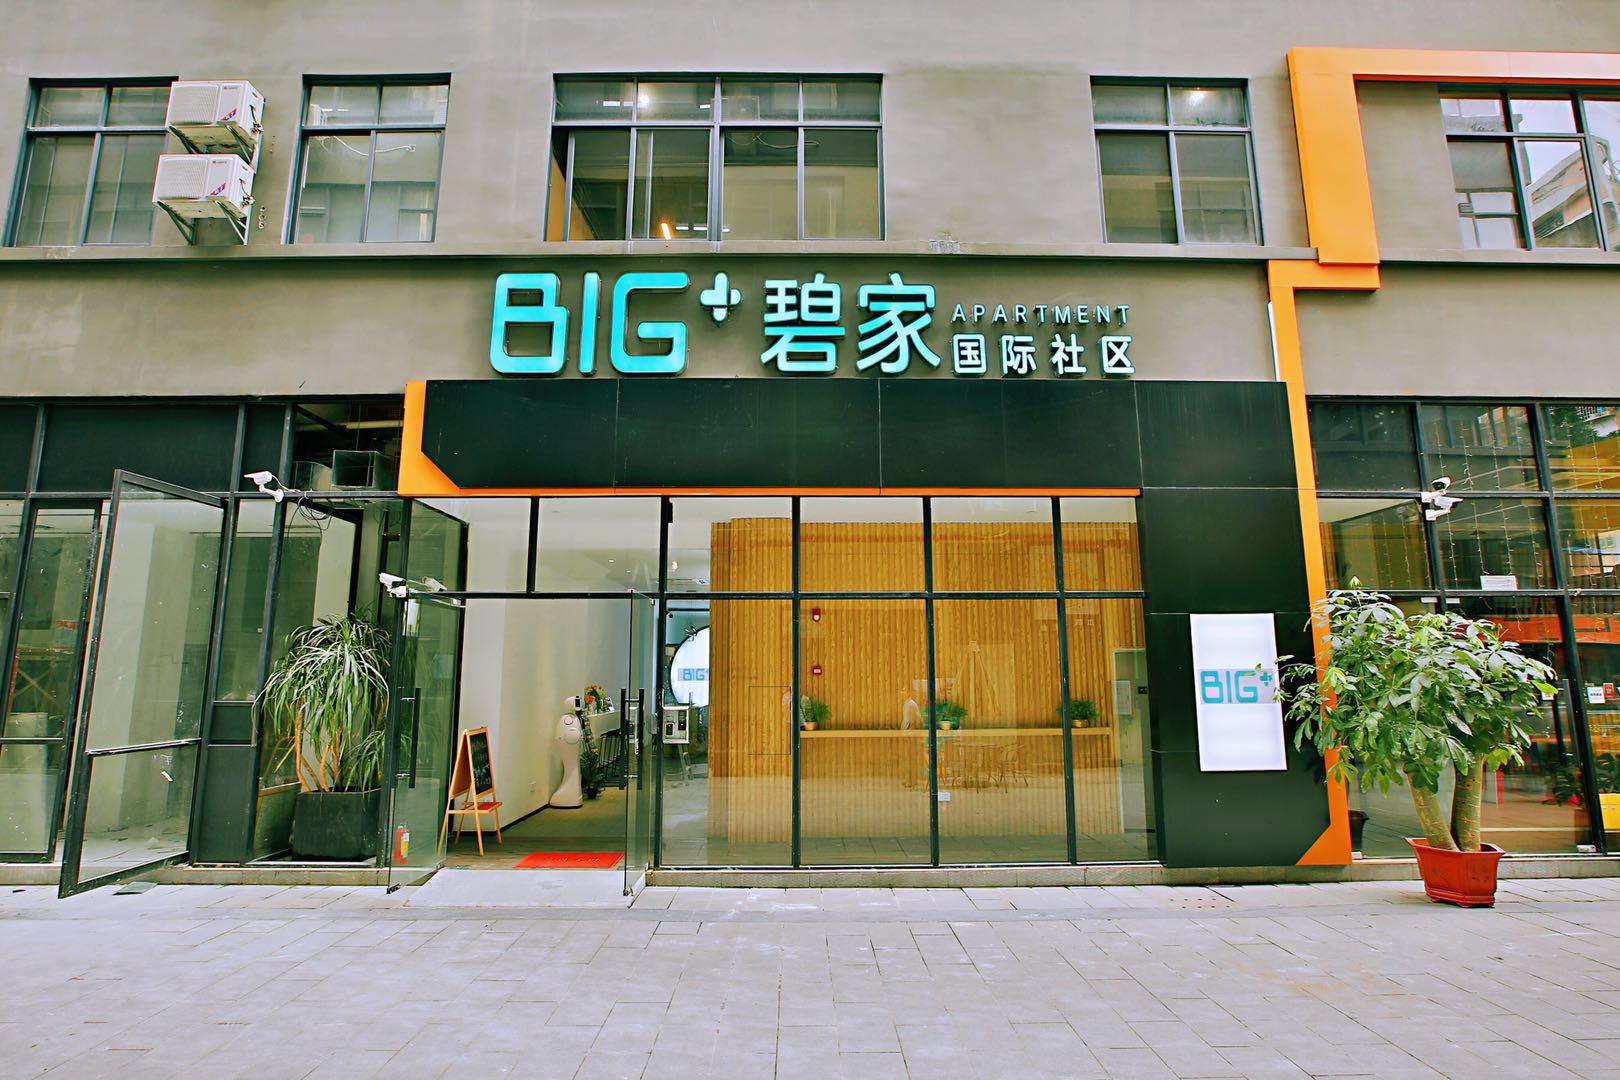 BIG+碧家 广州客村店